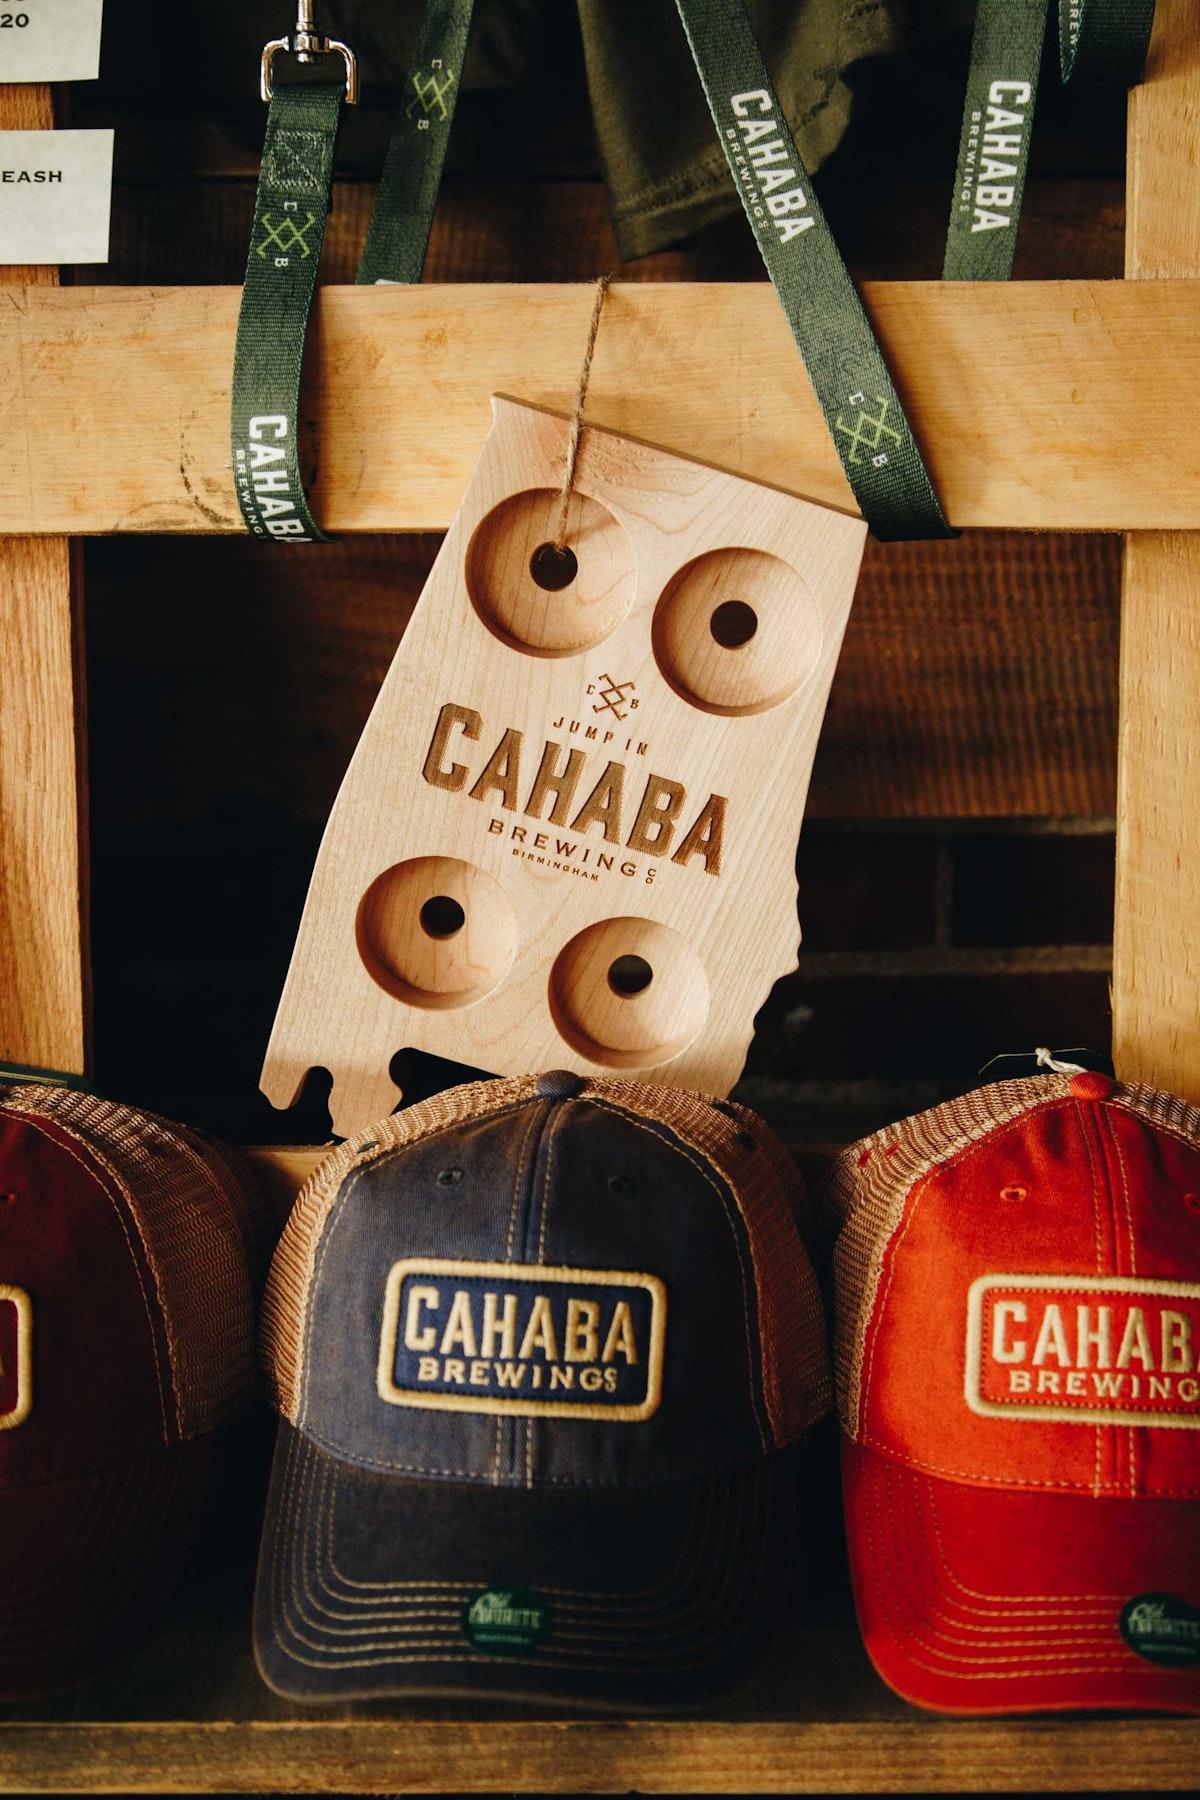 Cahaba Brewing